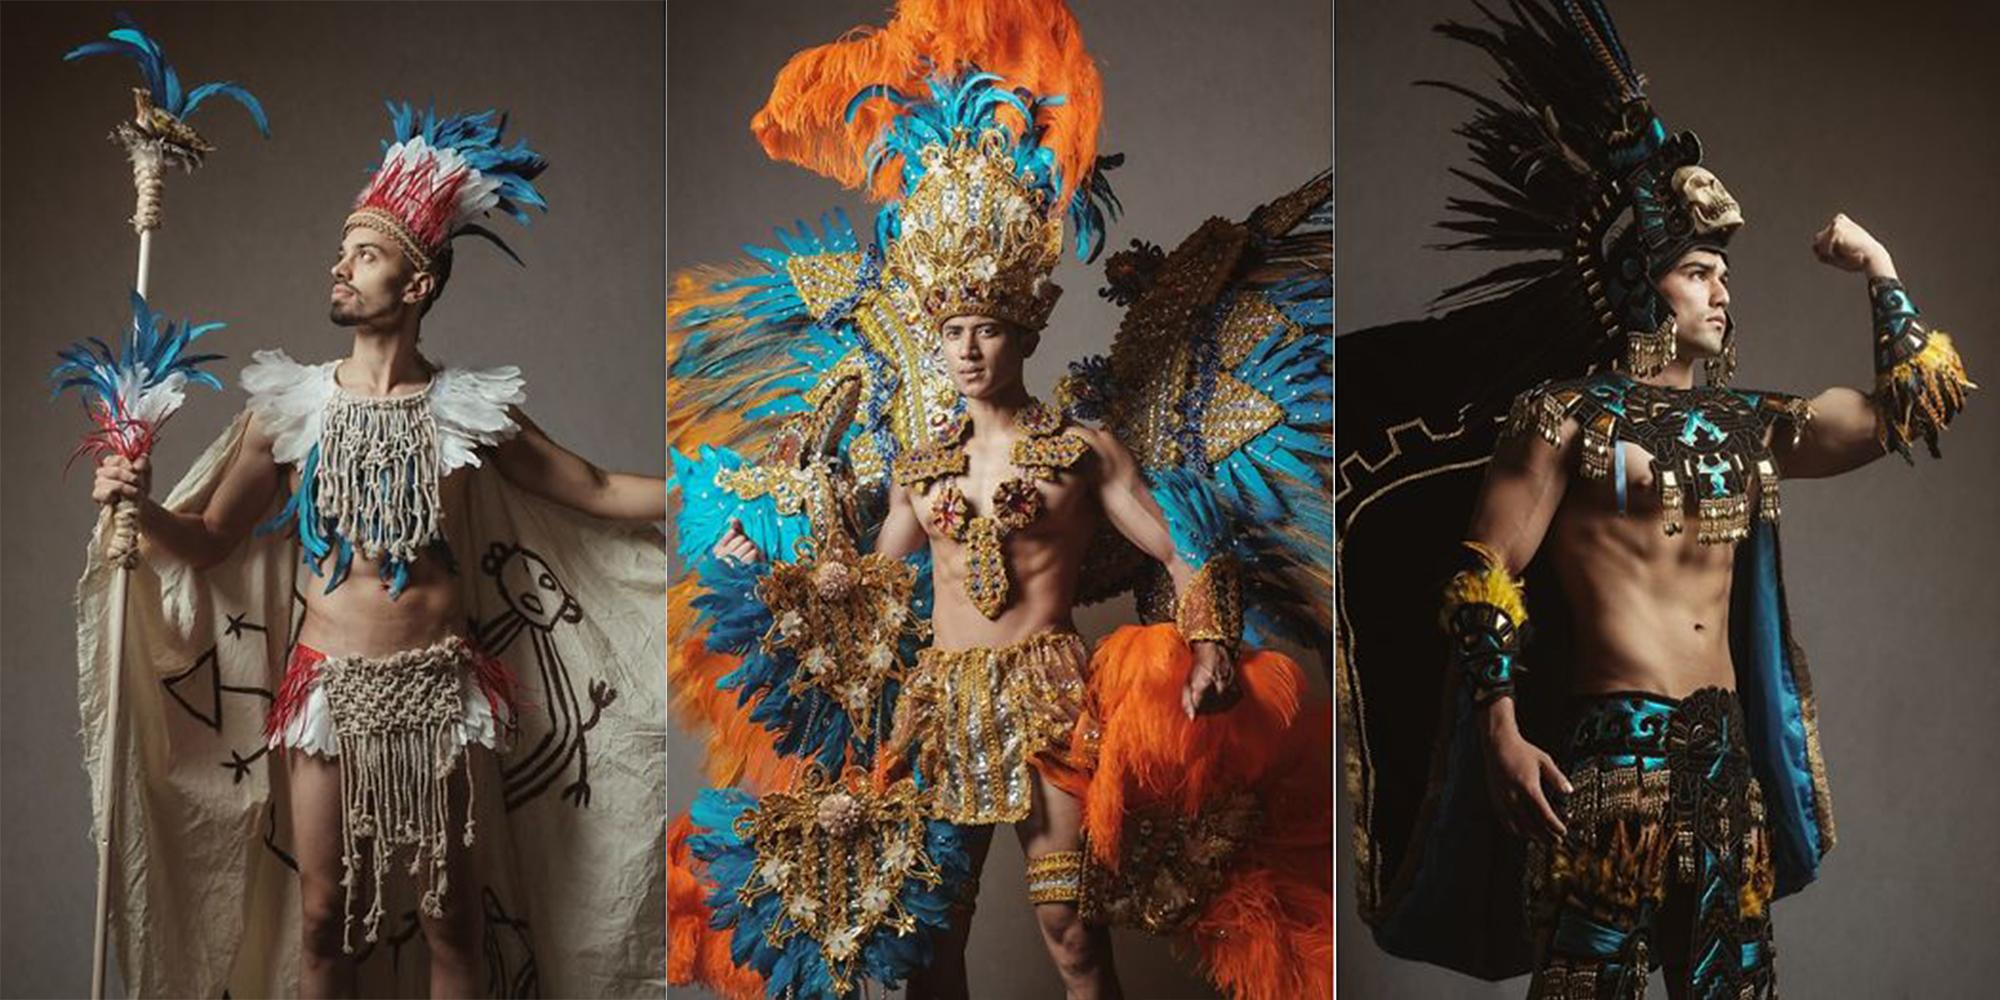 ชมภาพตัวแทนวัฒนธรรมสุดเซ็กซี่ ผู้เข้าแข่งขันงานประกวด 'Mister Global' 2019 ที่ประเทศไทย